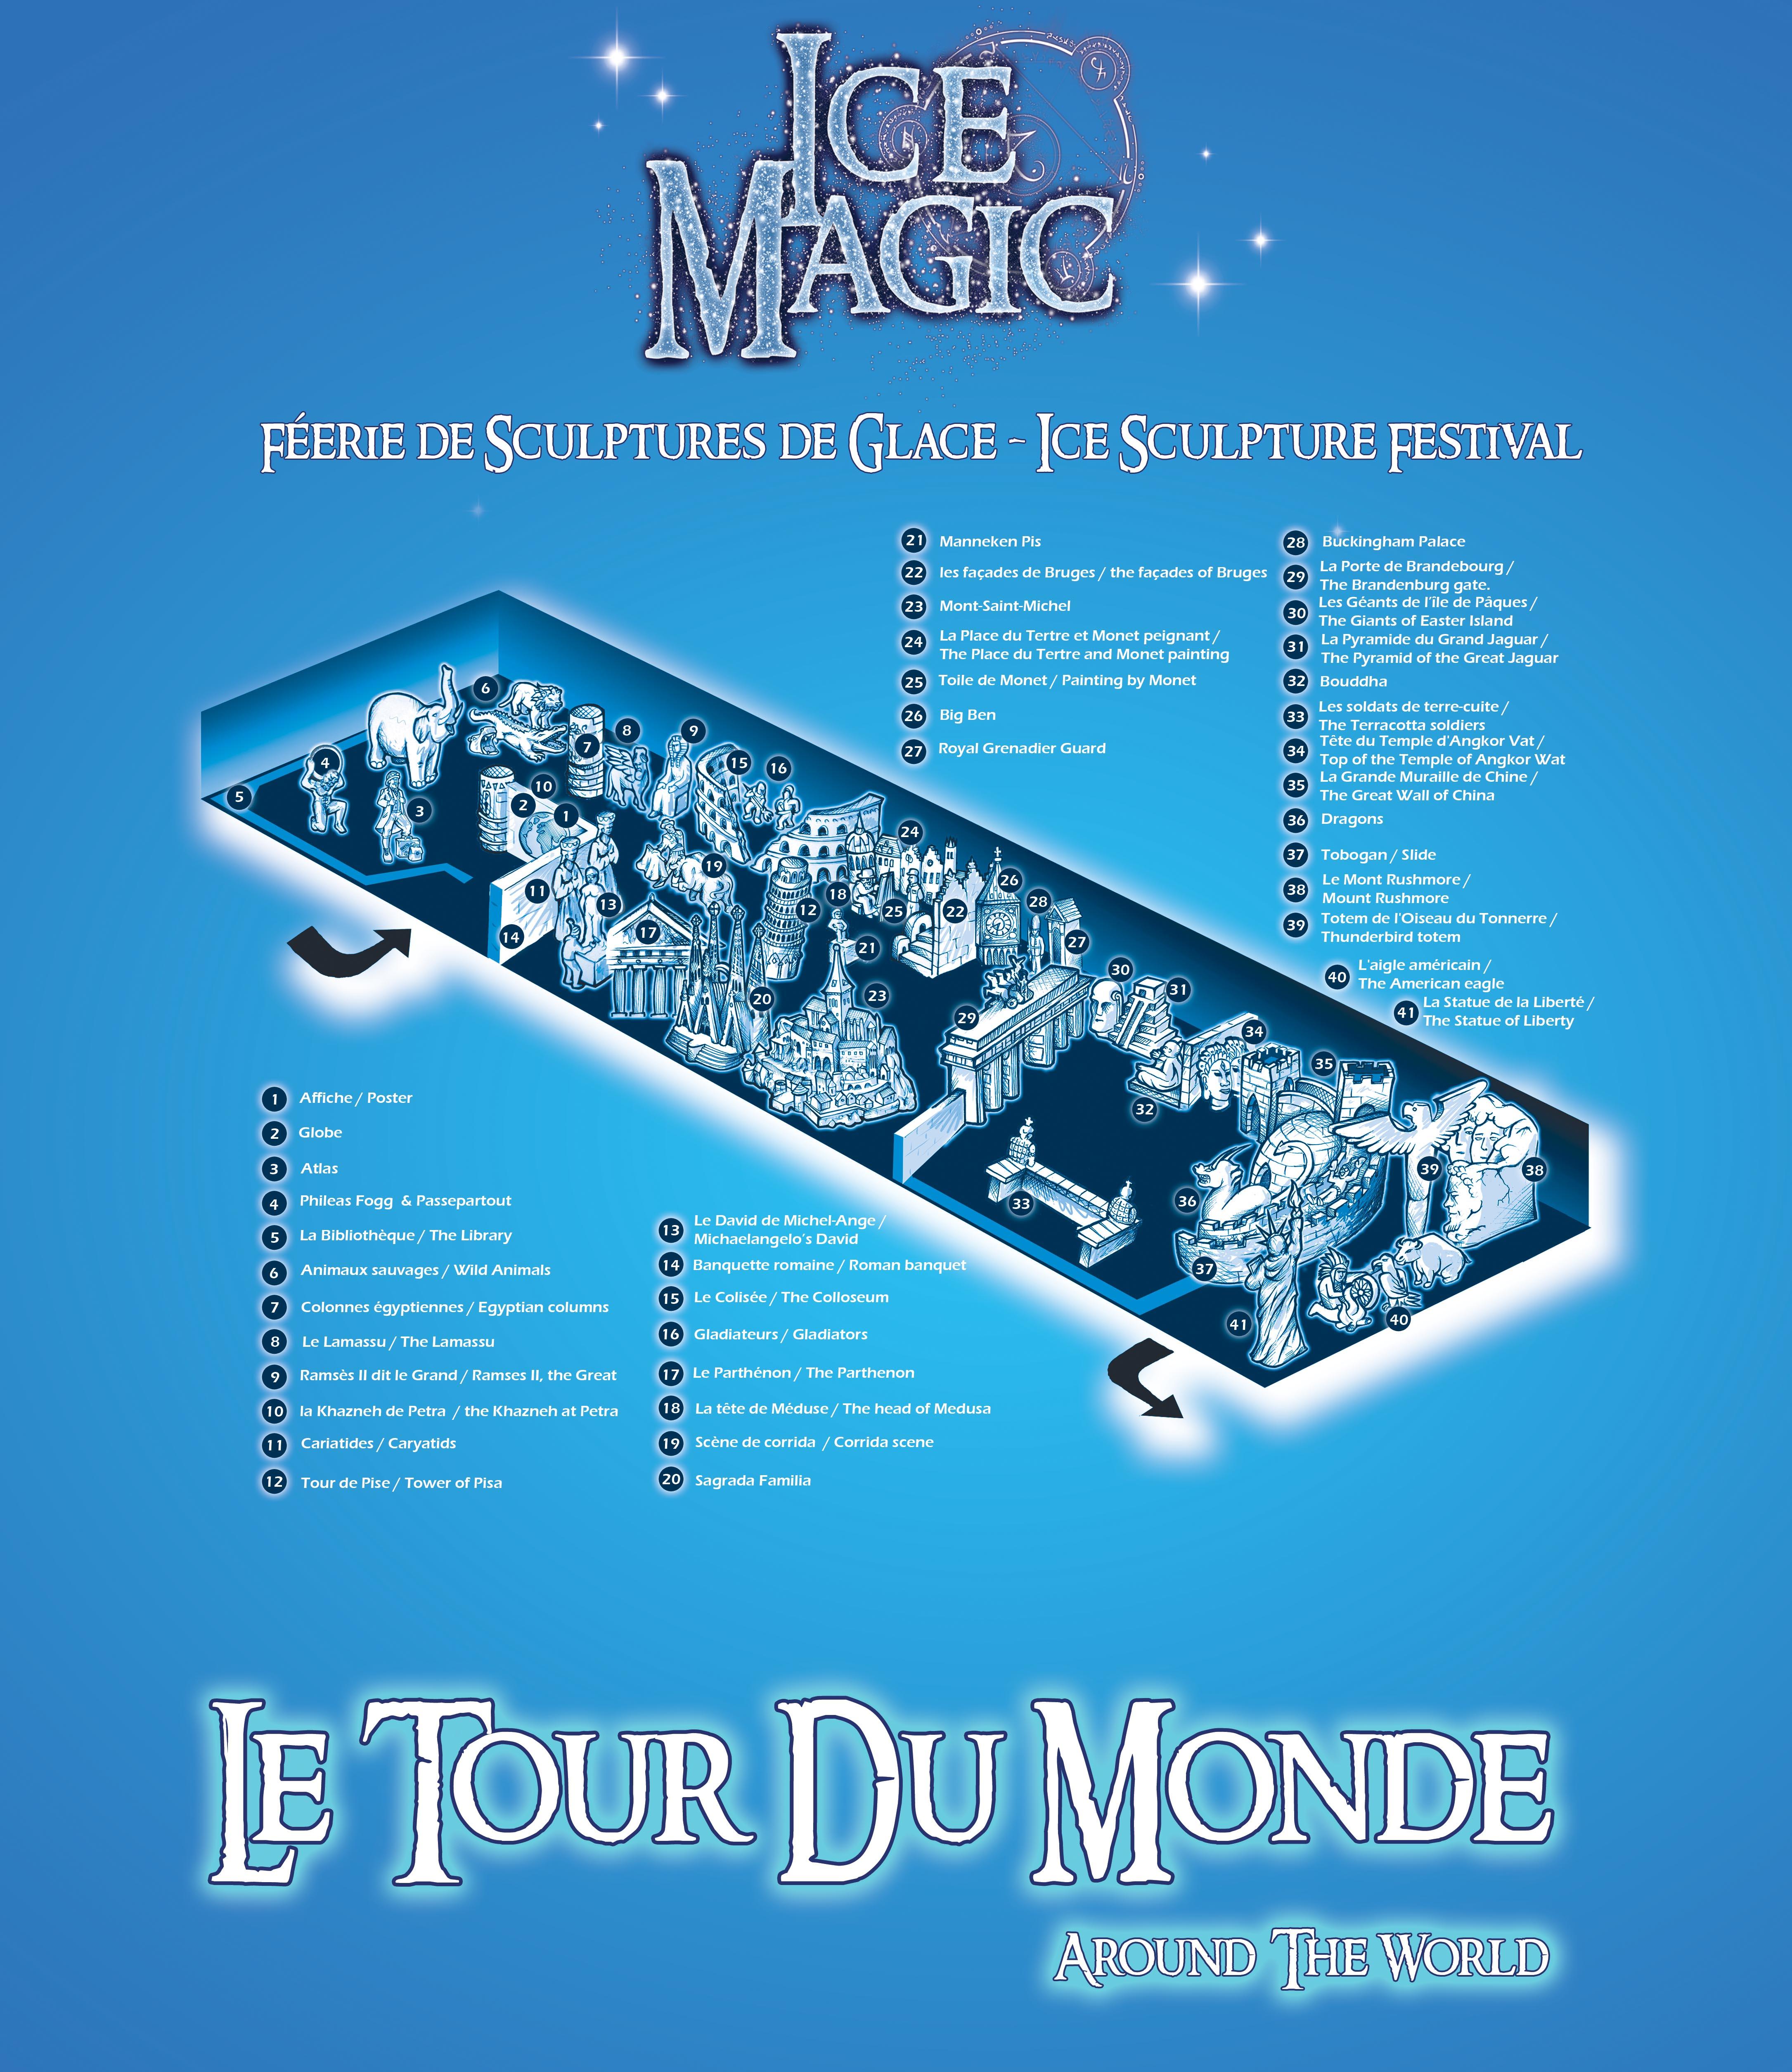 Jean-Marie Bodet et Francis Vandendorpe, Administrateurs de la société Snowbodd, en collaboration avec le Marché de Noël Champs Elysées et le Monde Festif.